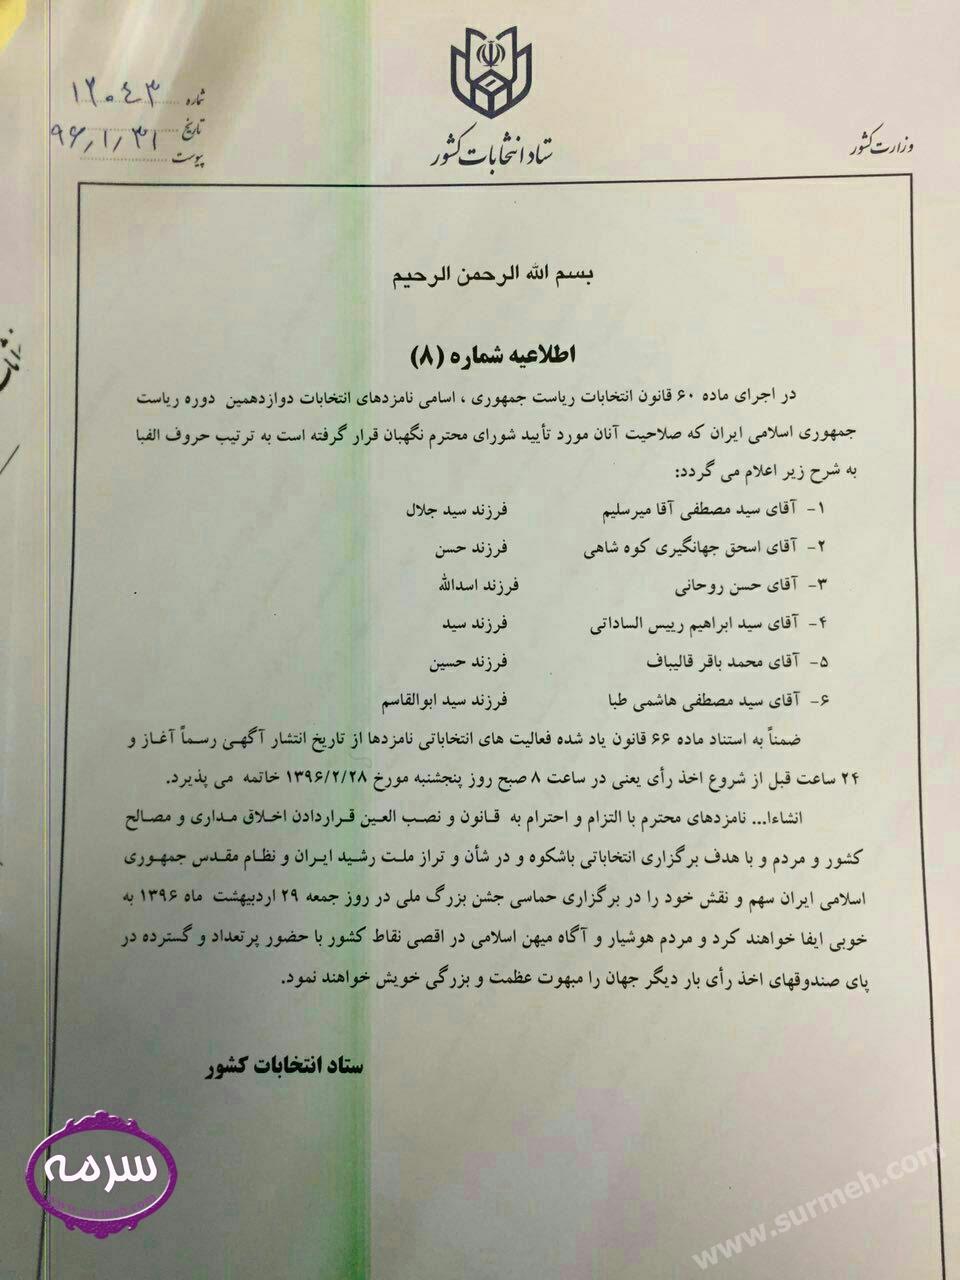 عکس و اسامی نامزدهای احراز صلاحیت شده انتخاباتی